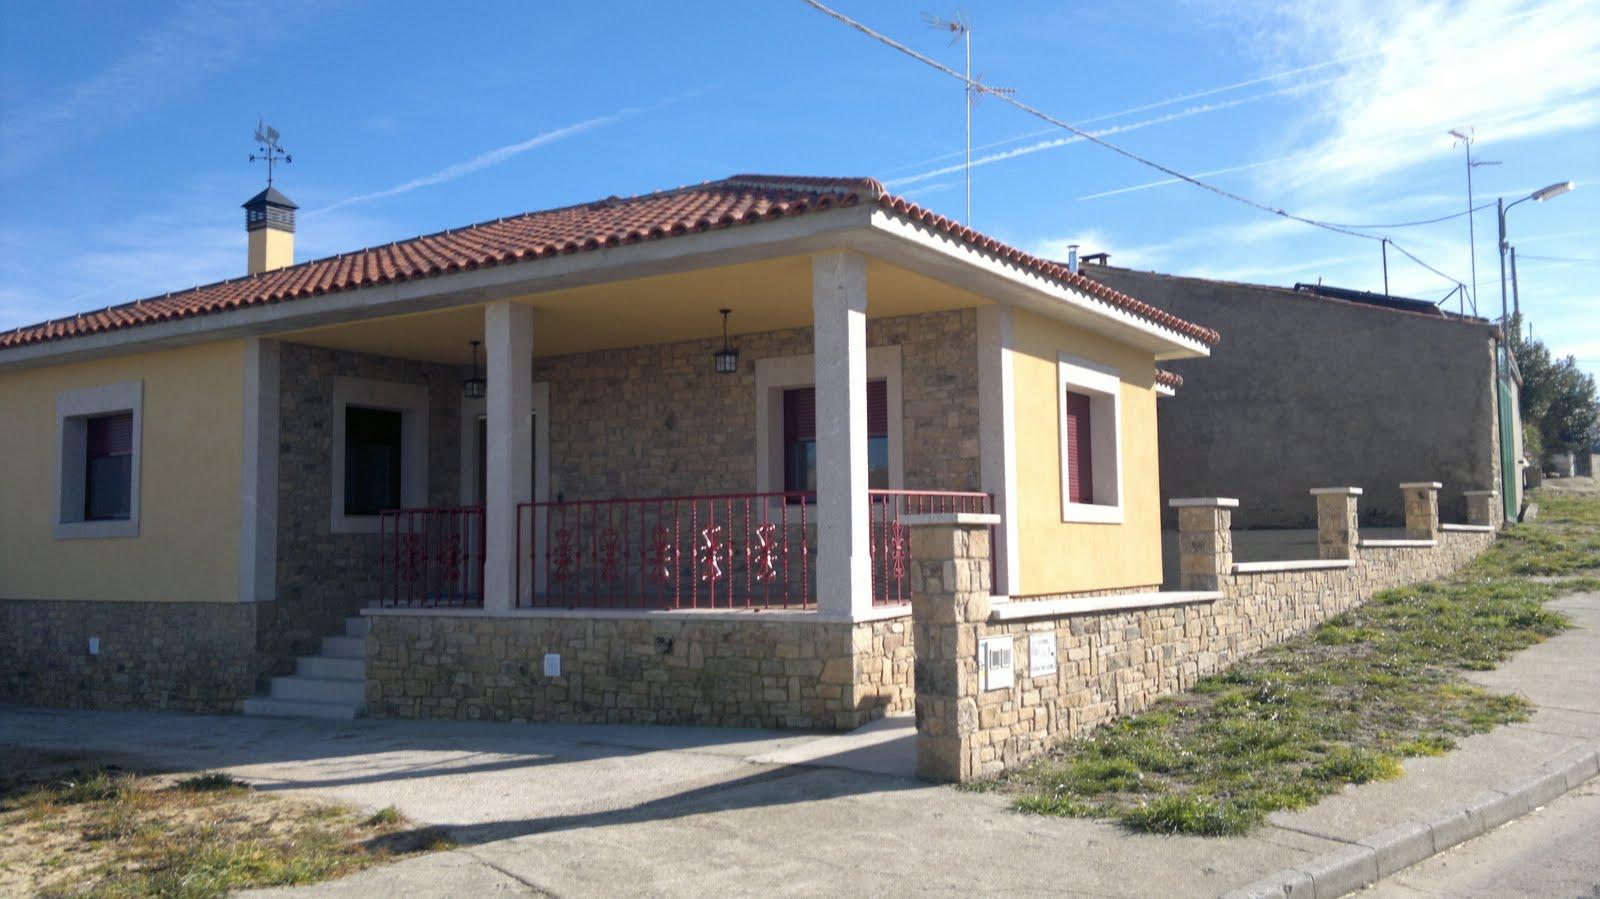 Fachadas de casas de pueblo old stone house in spain - Fachadas de casas de pueblo ...